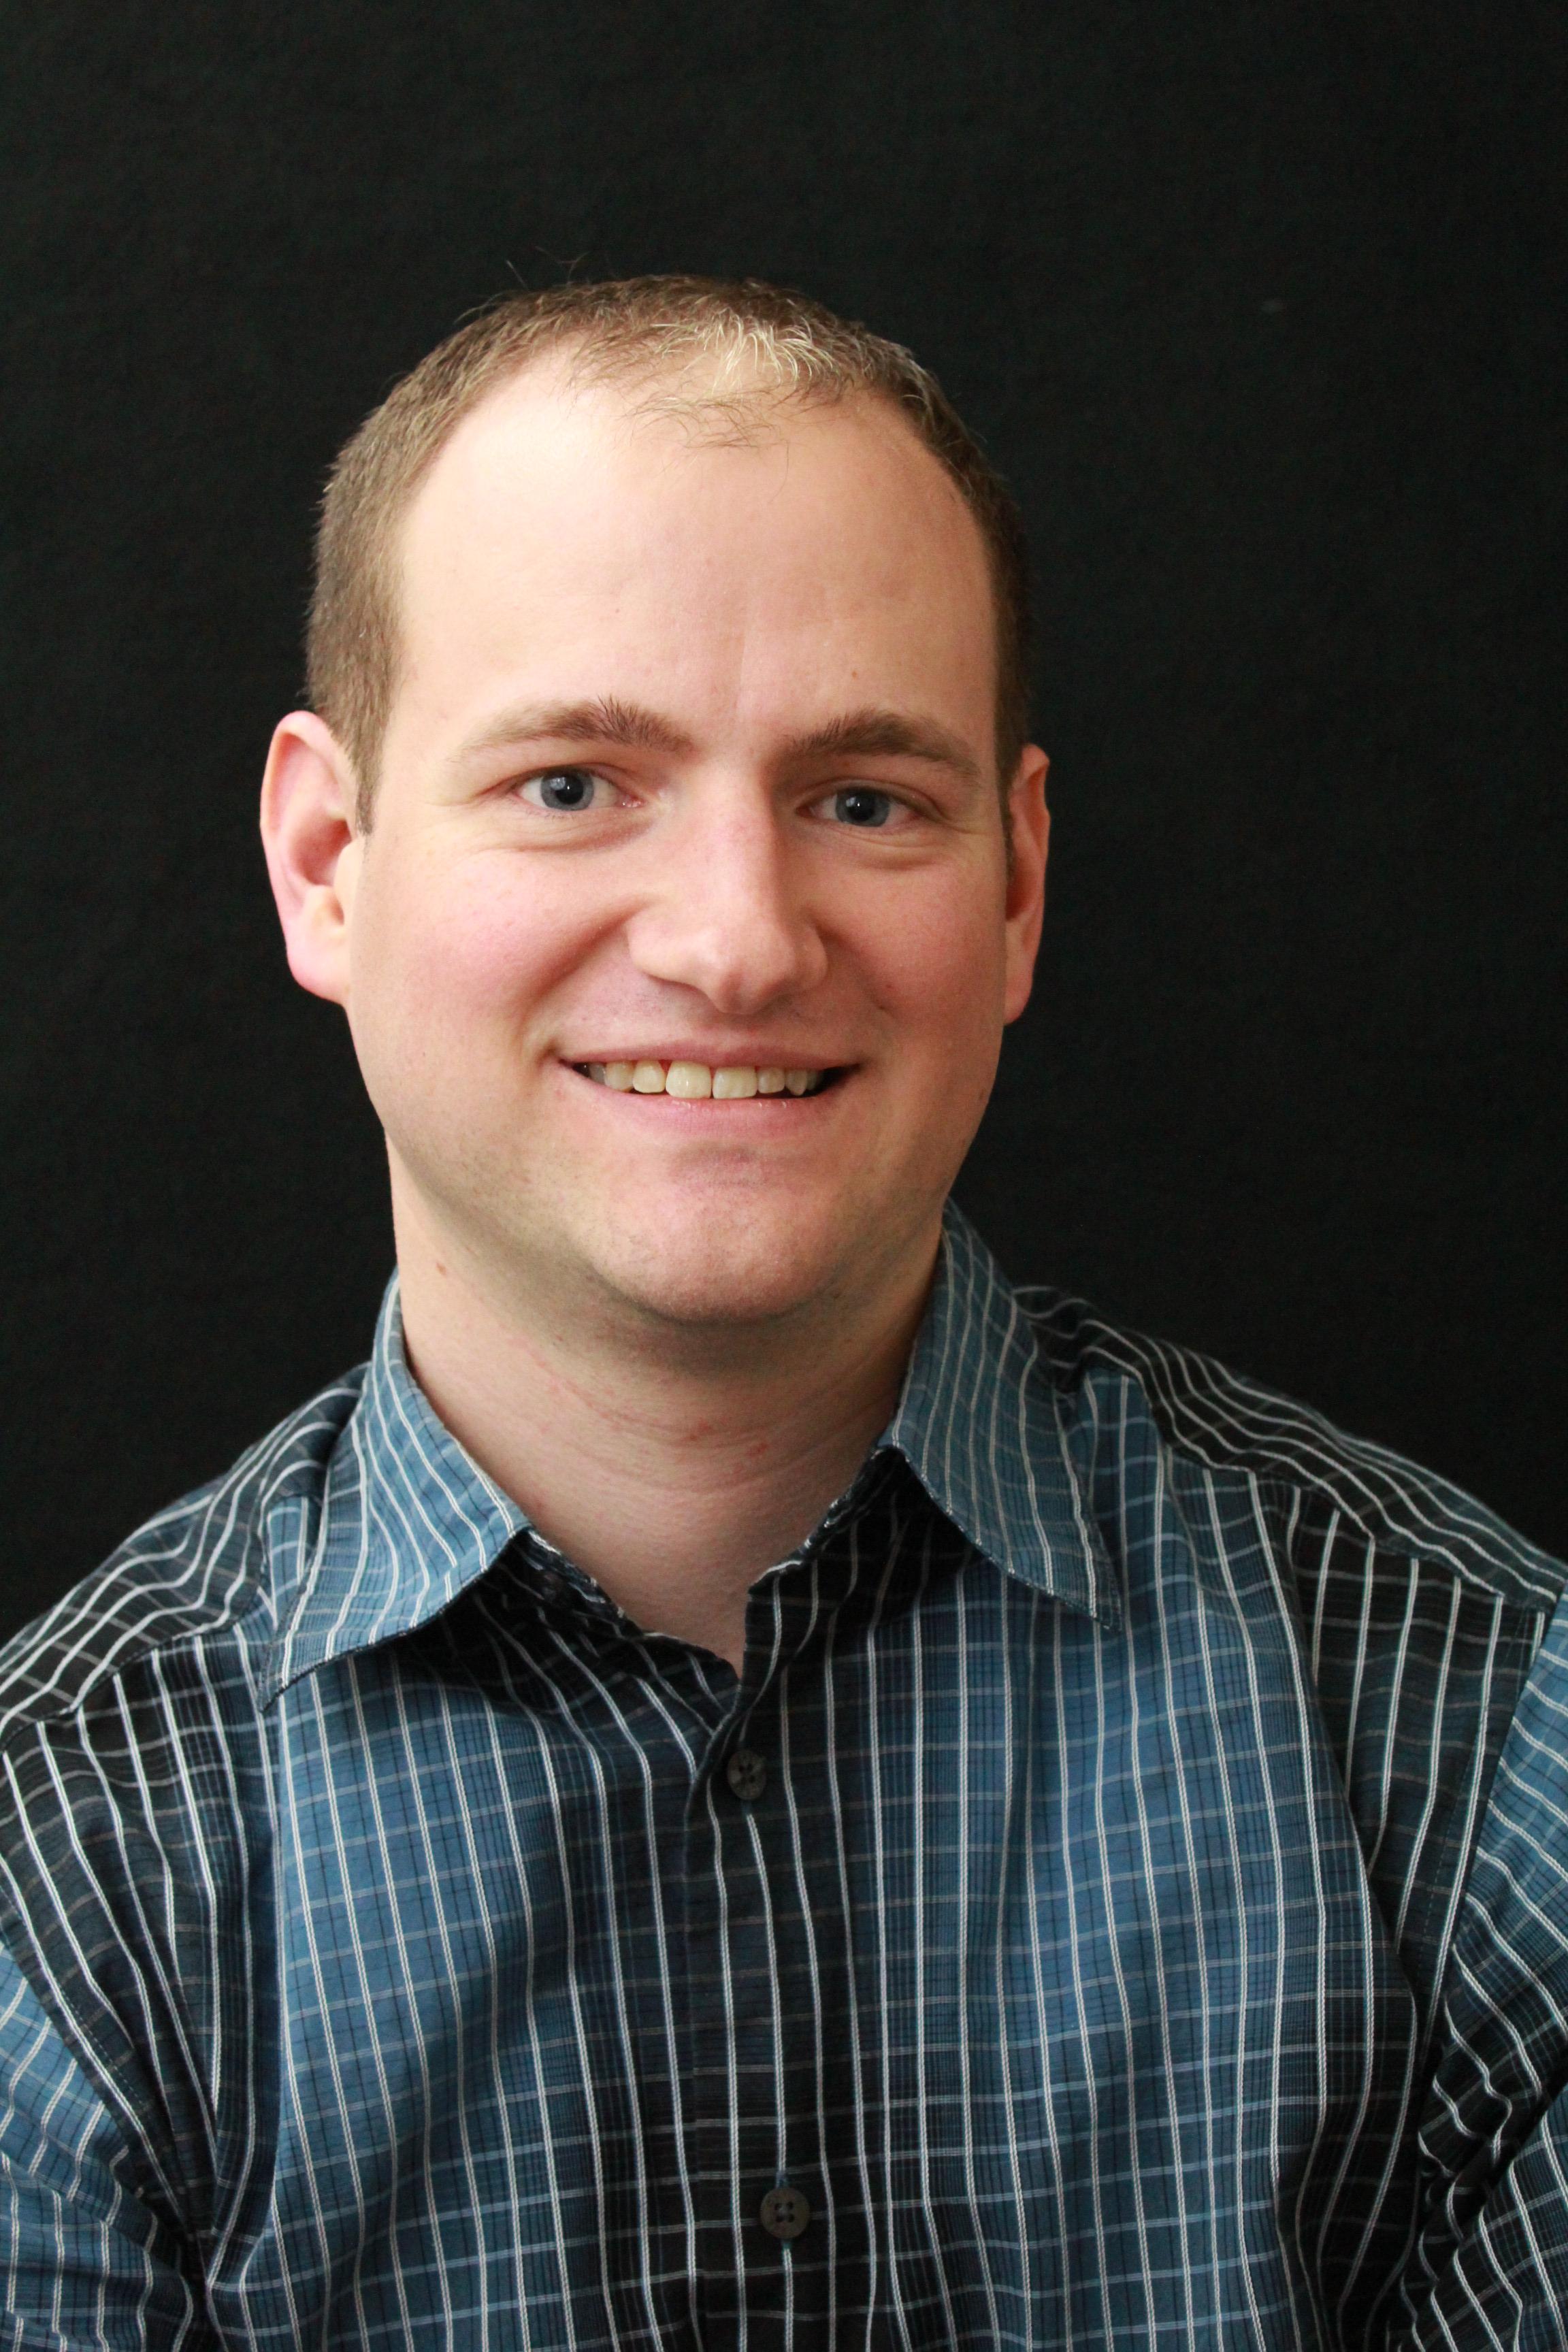 Preston Cowley